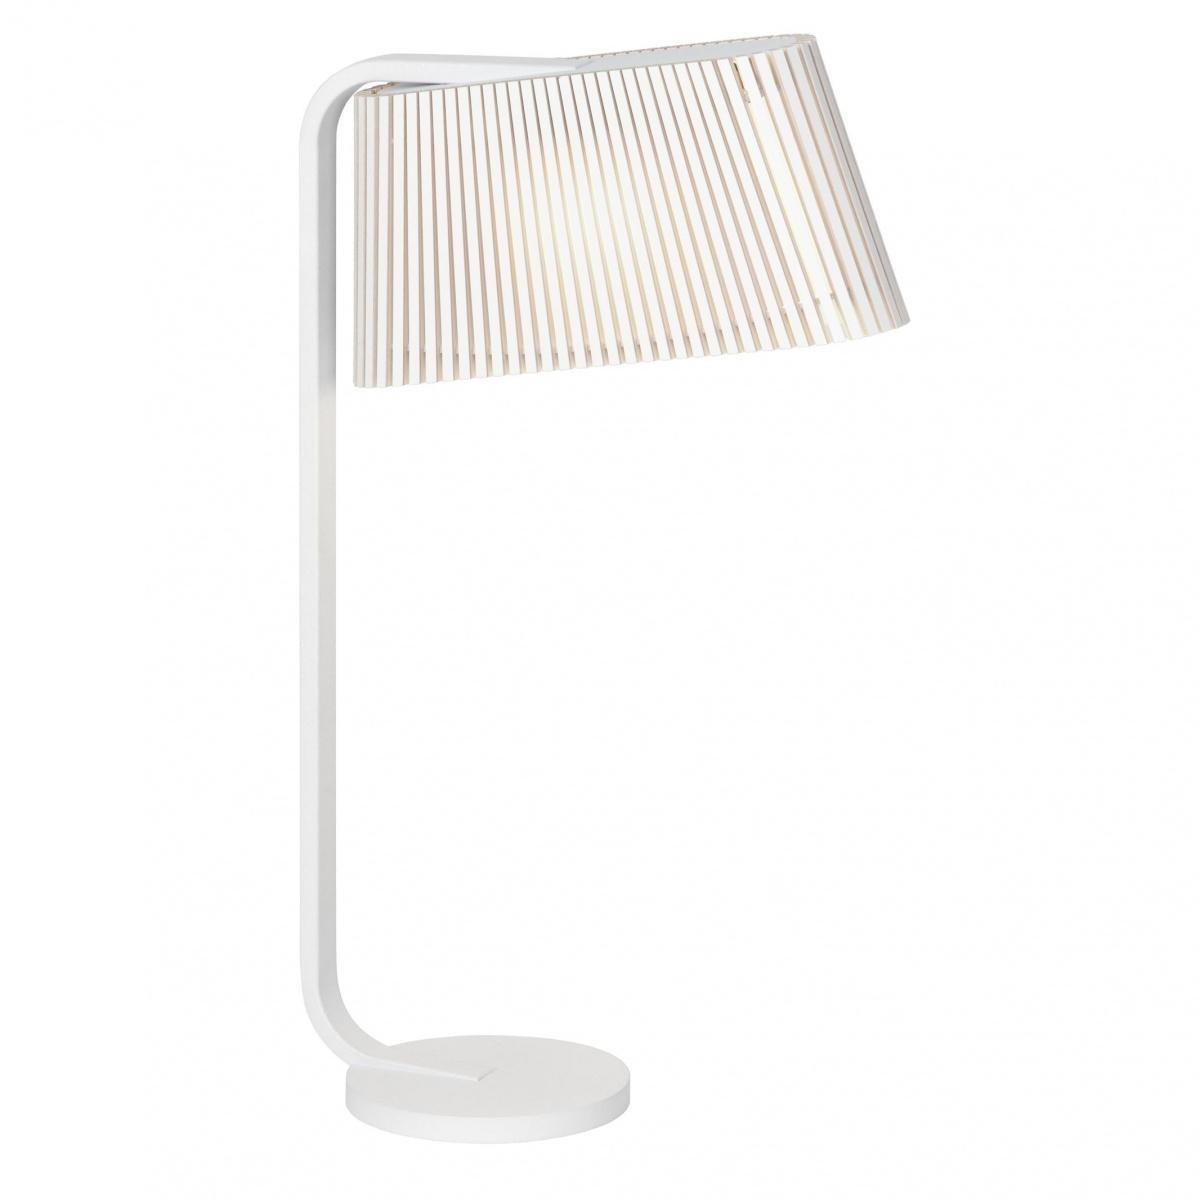 Secto Design - Owalo 7020 - Lampe de table LED - blanc/laminé/structure laque blanc/2800K/600 lm